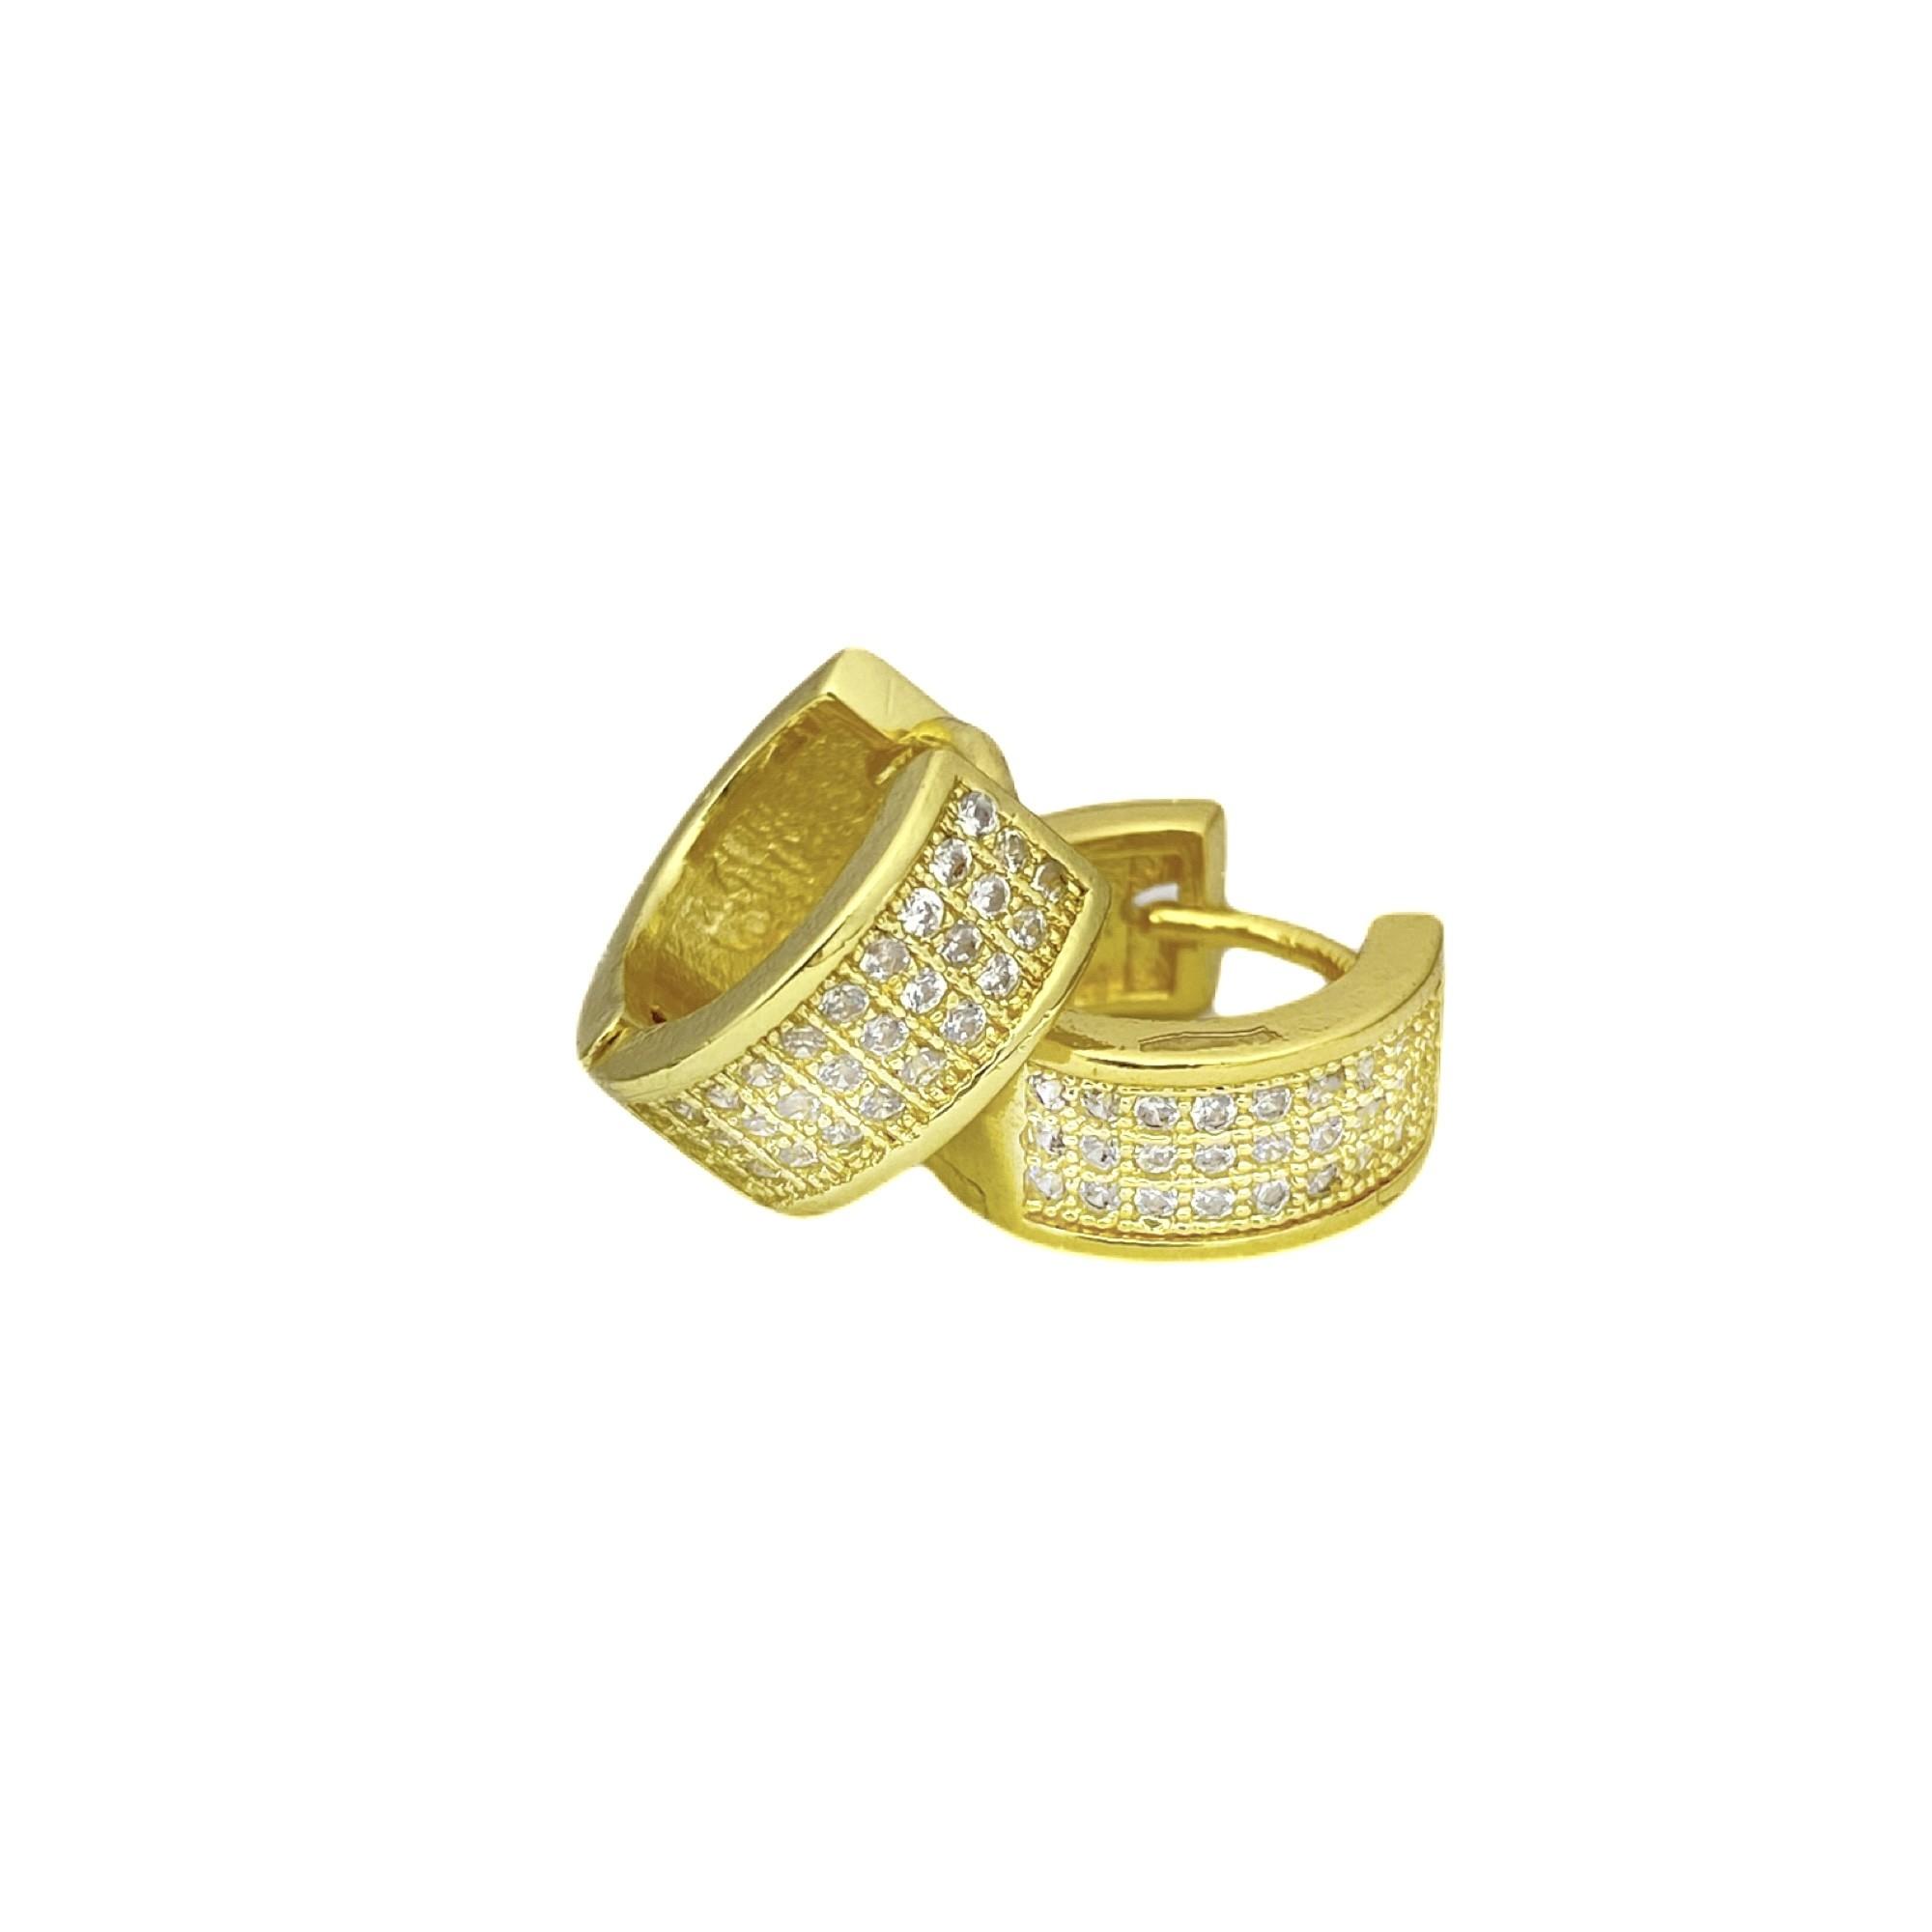 Brinco Argola Chapado Cravejada em Zircônia 30 Pedras (Banho Ouro 24k)